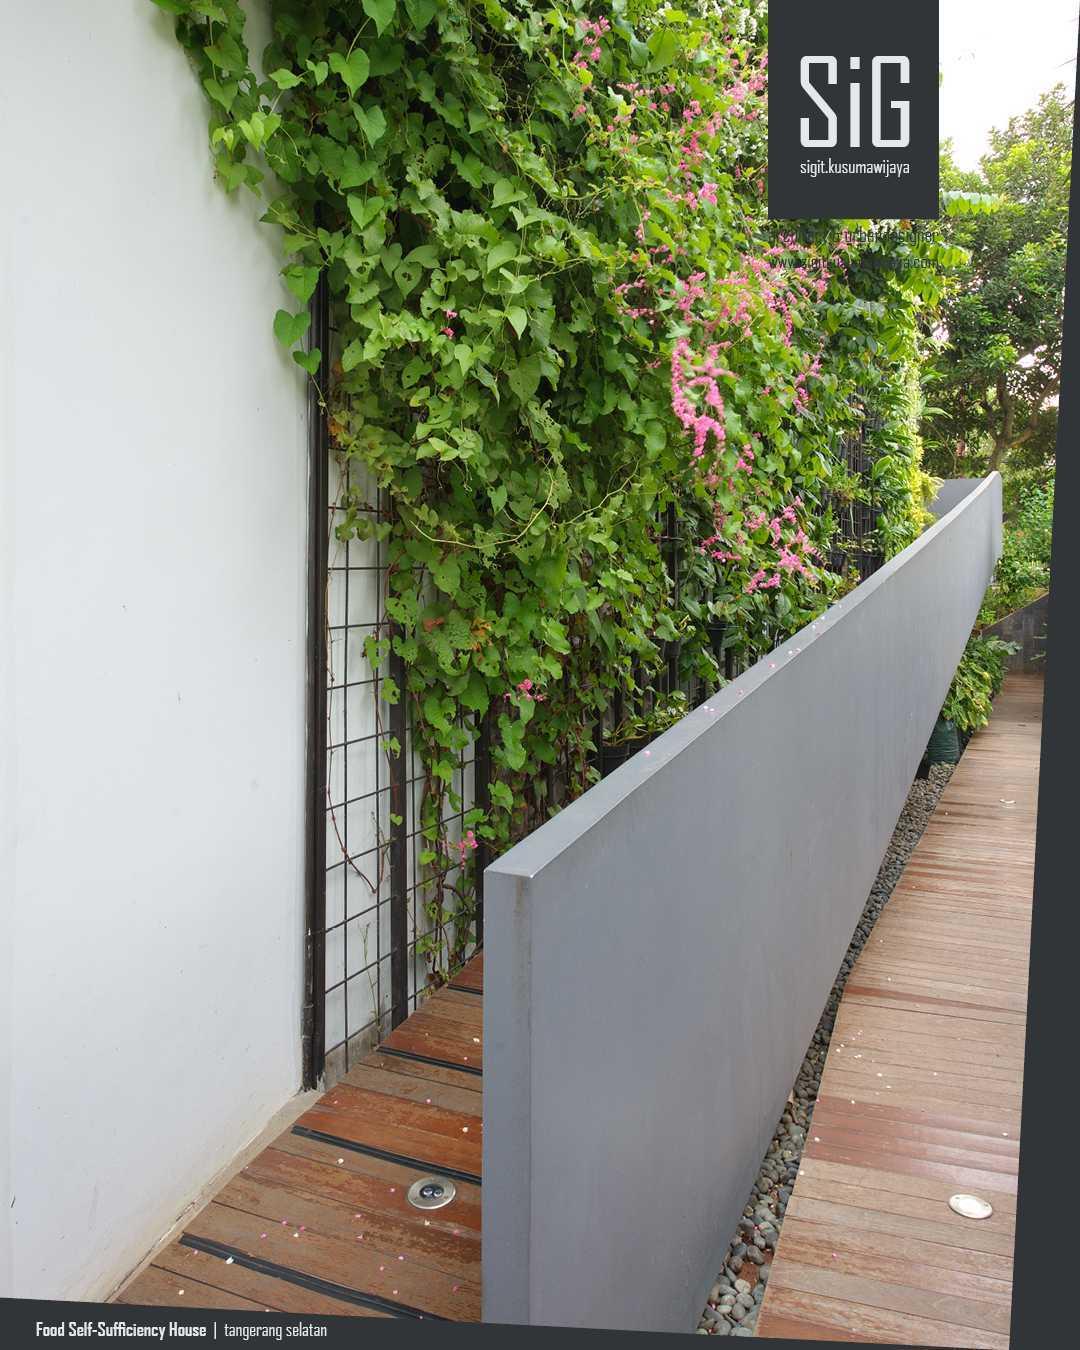 Ramp mempermudah akses dari lantai dasar langsung menuju rooftop-farming, agar tidak perlu melewati ruang di dalam rumah dan tidak mengotori bagian interior rumah.